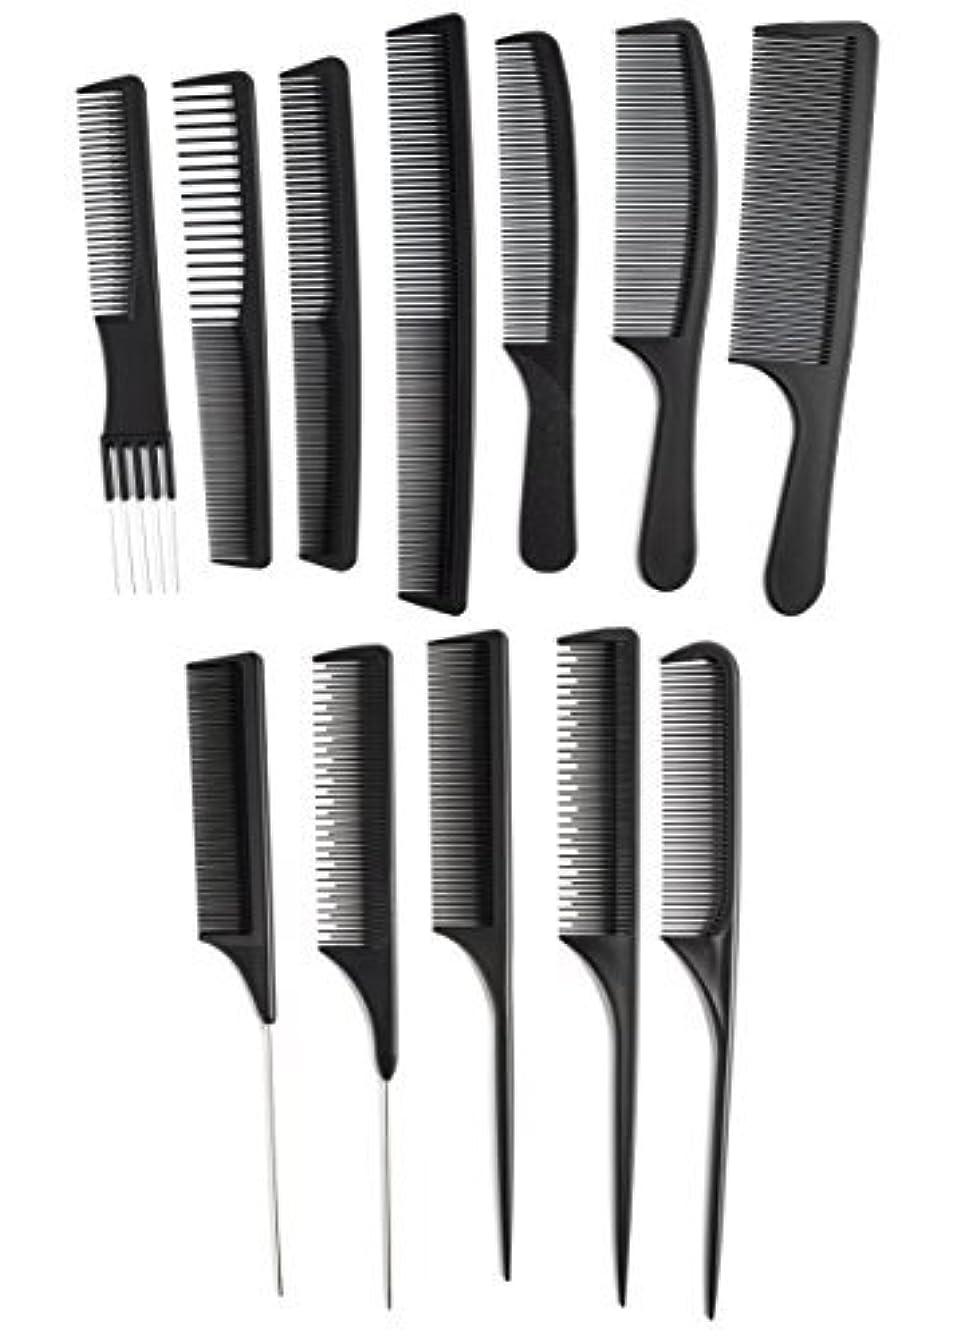 その結果汚れた利用可能OneDor Professional Salon Hairdressing Styling Tool Hair Cutting Comb Sets Kit [並行輸入品]